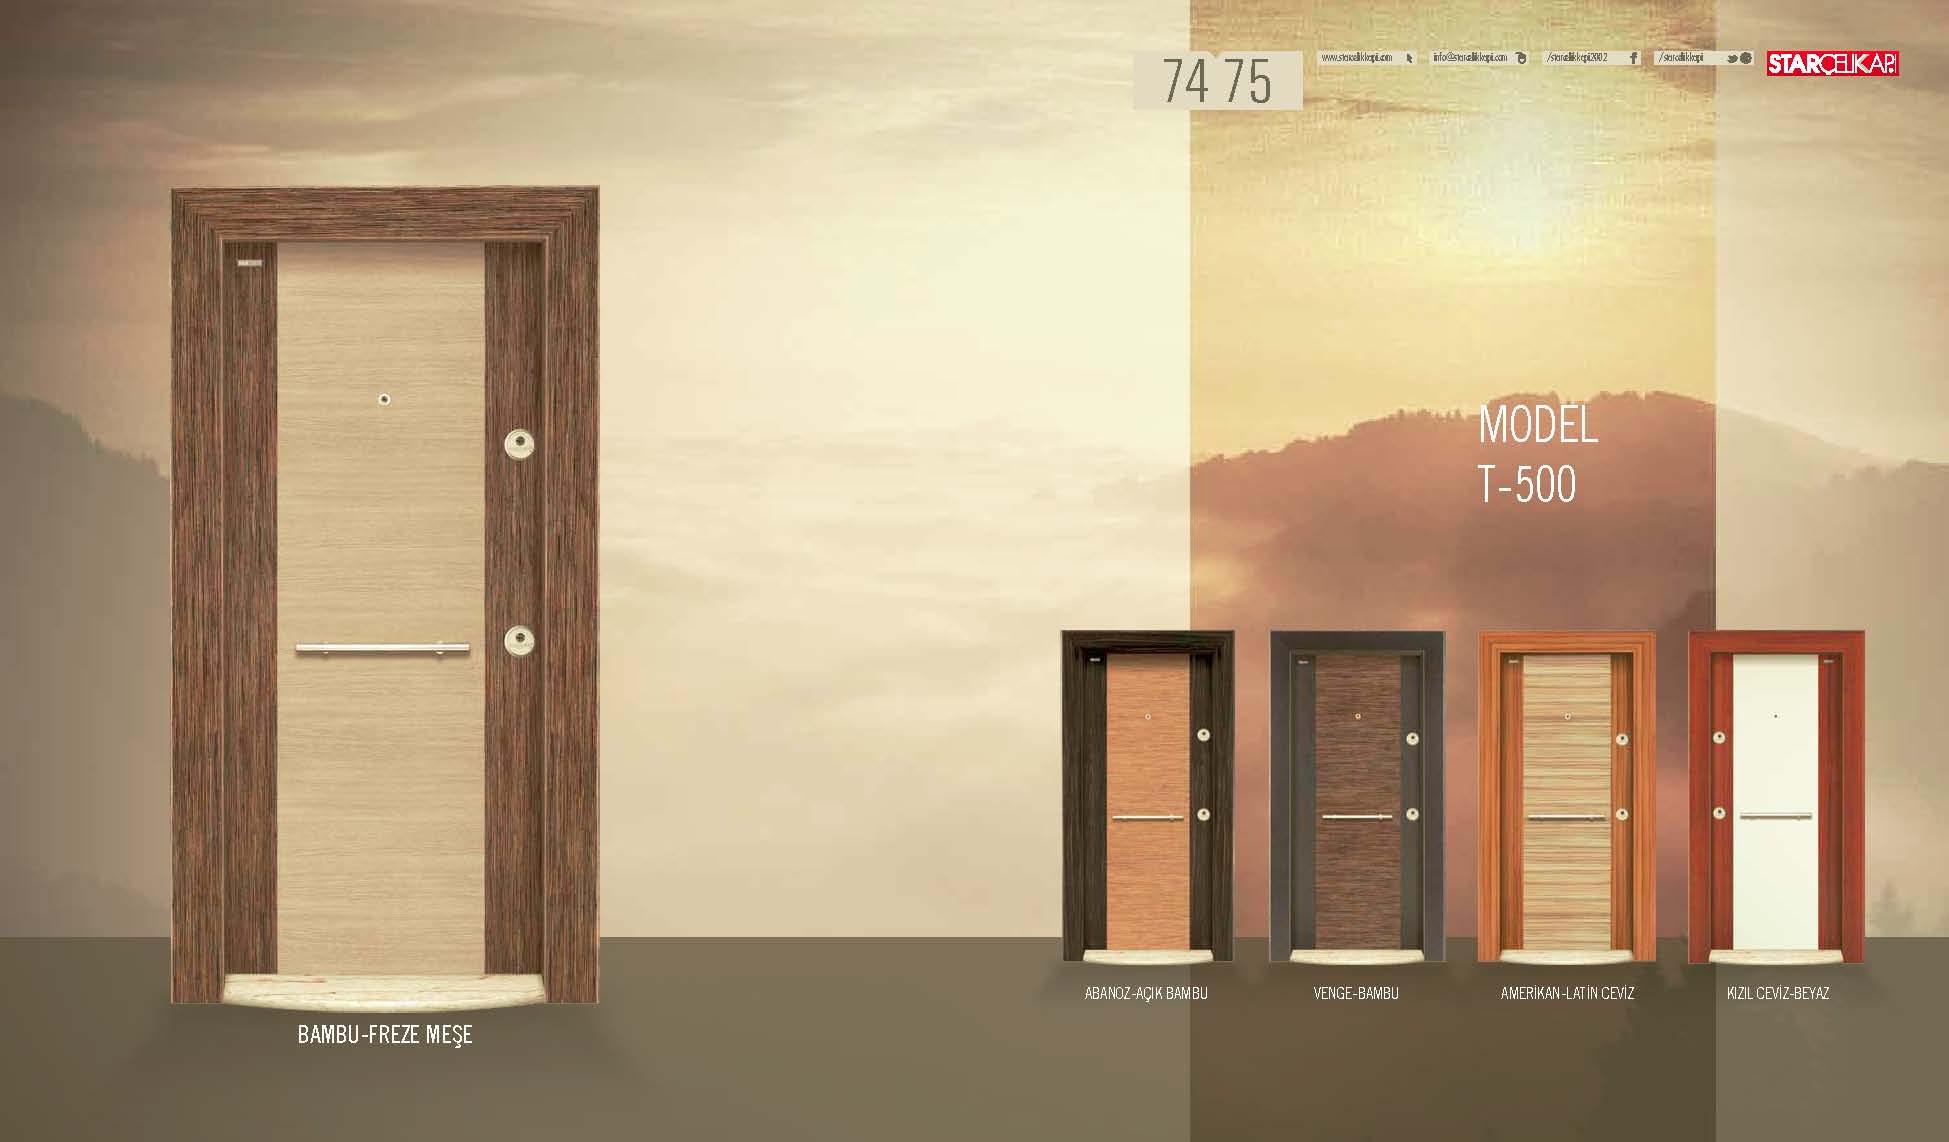 vhodni-vrati-starcelik_page_38